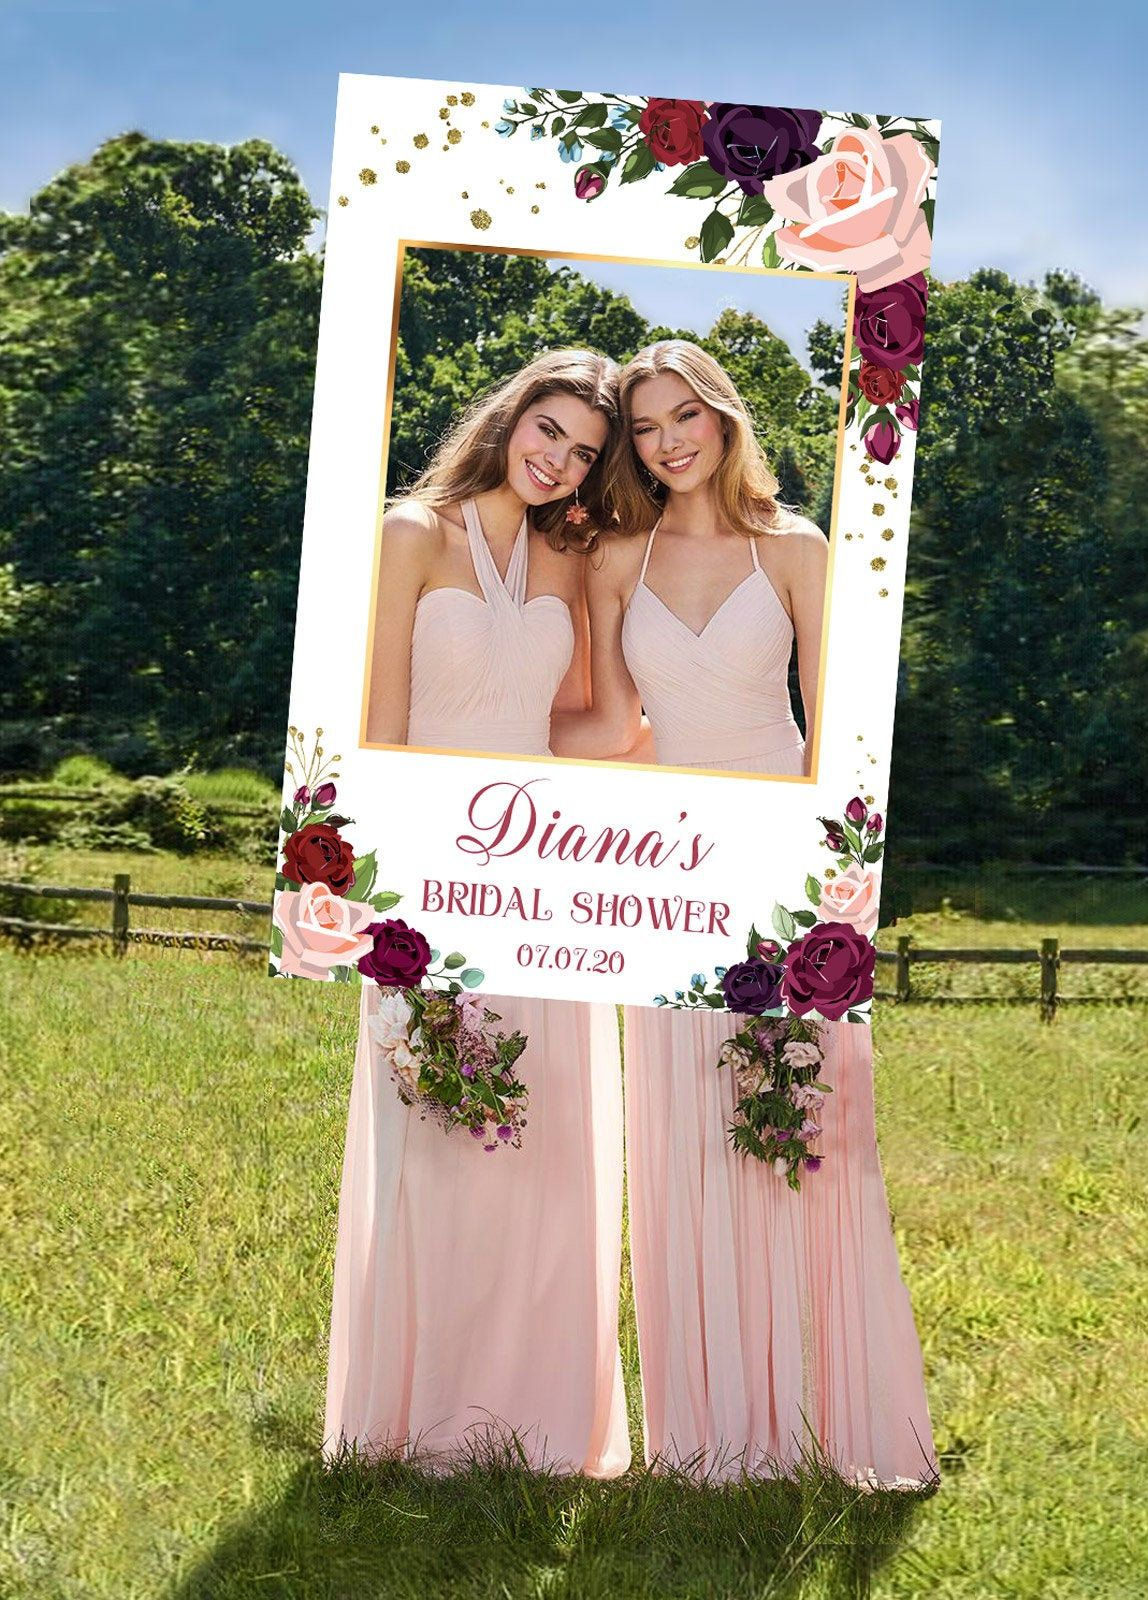 Floral Bridal Shower Digital Printable File. Photo Prop Frame Bridal Shower photo booth DIY blush olive green and gold